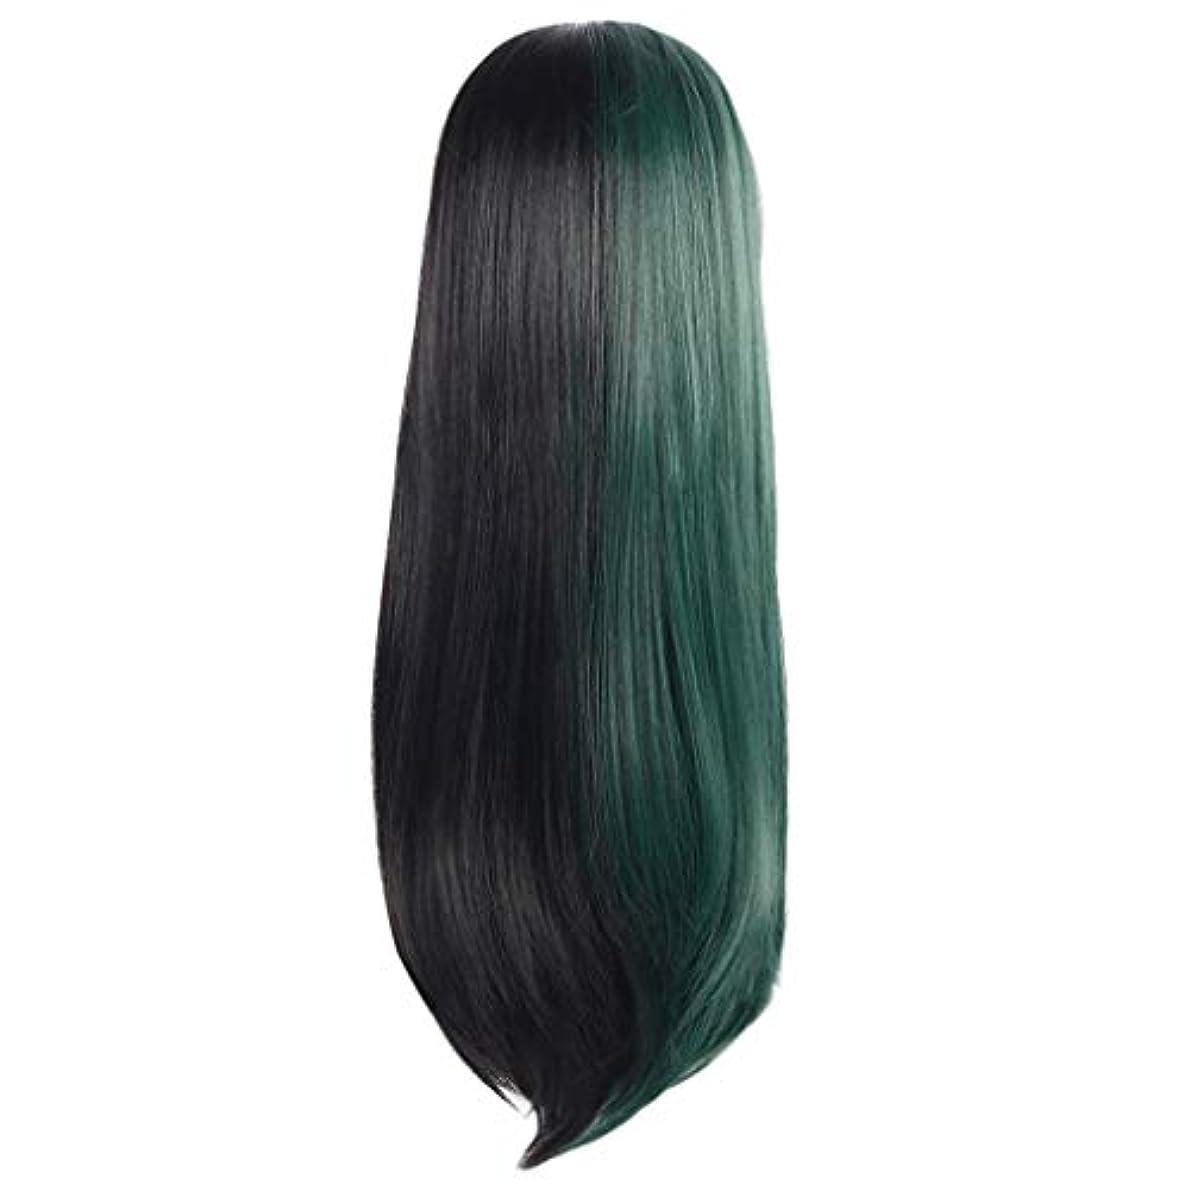 アソシエイト商品散歩に行く女性の長いストレートの髪黒緑のかつら創造的な性格かつらローズネット